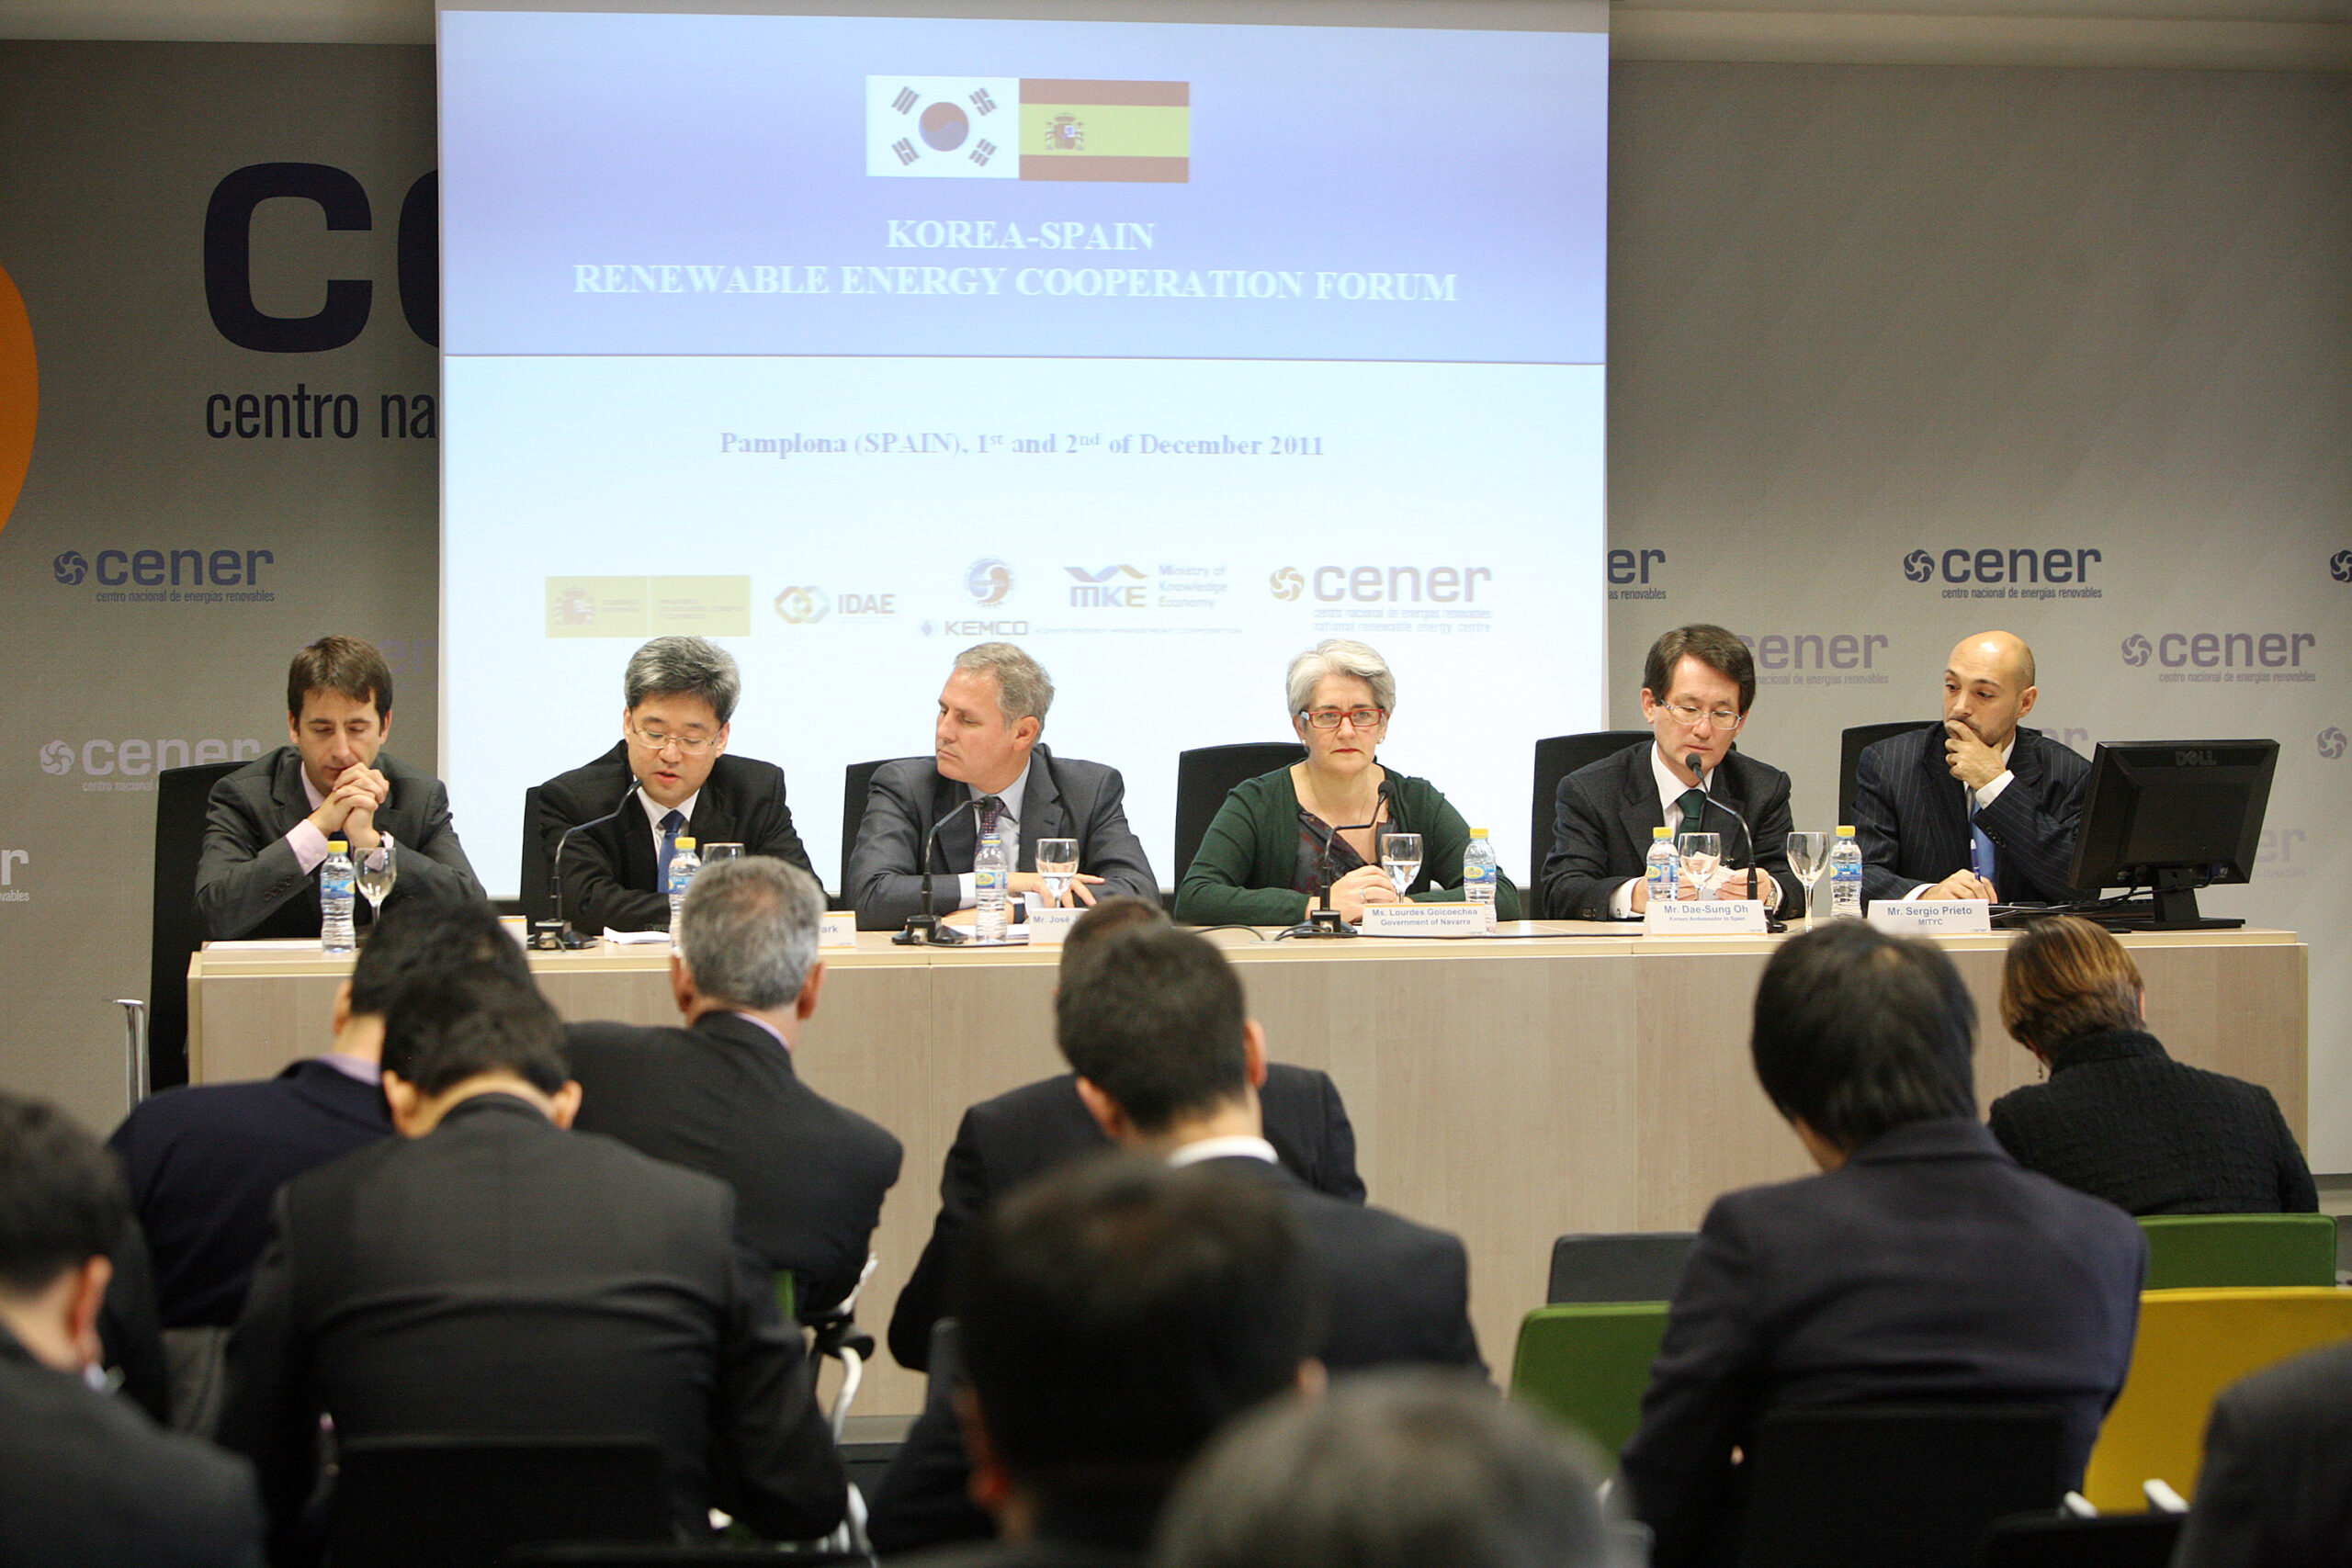 Foro de cooperación en energías renovables España- Corea en CENER (2011).